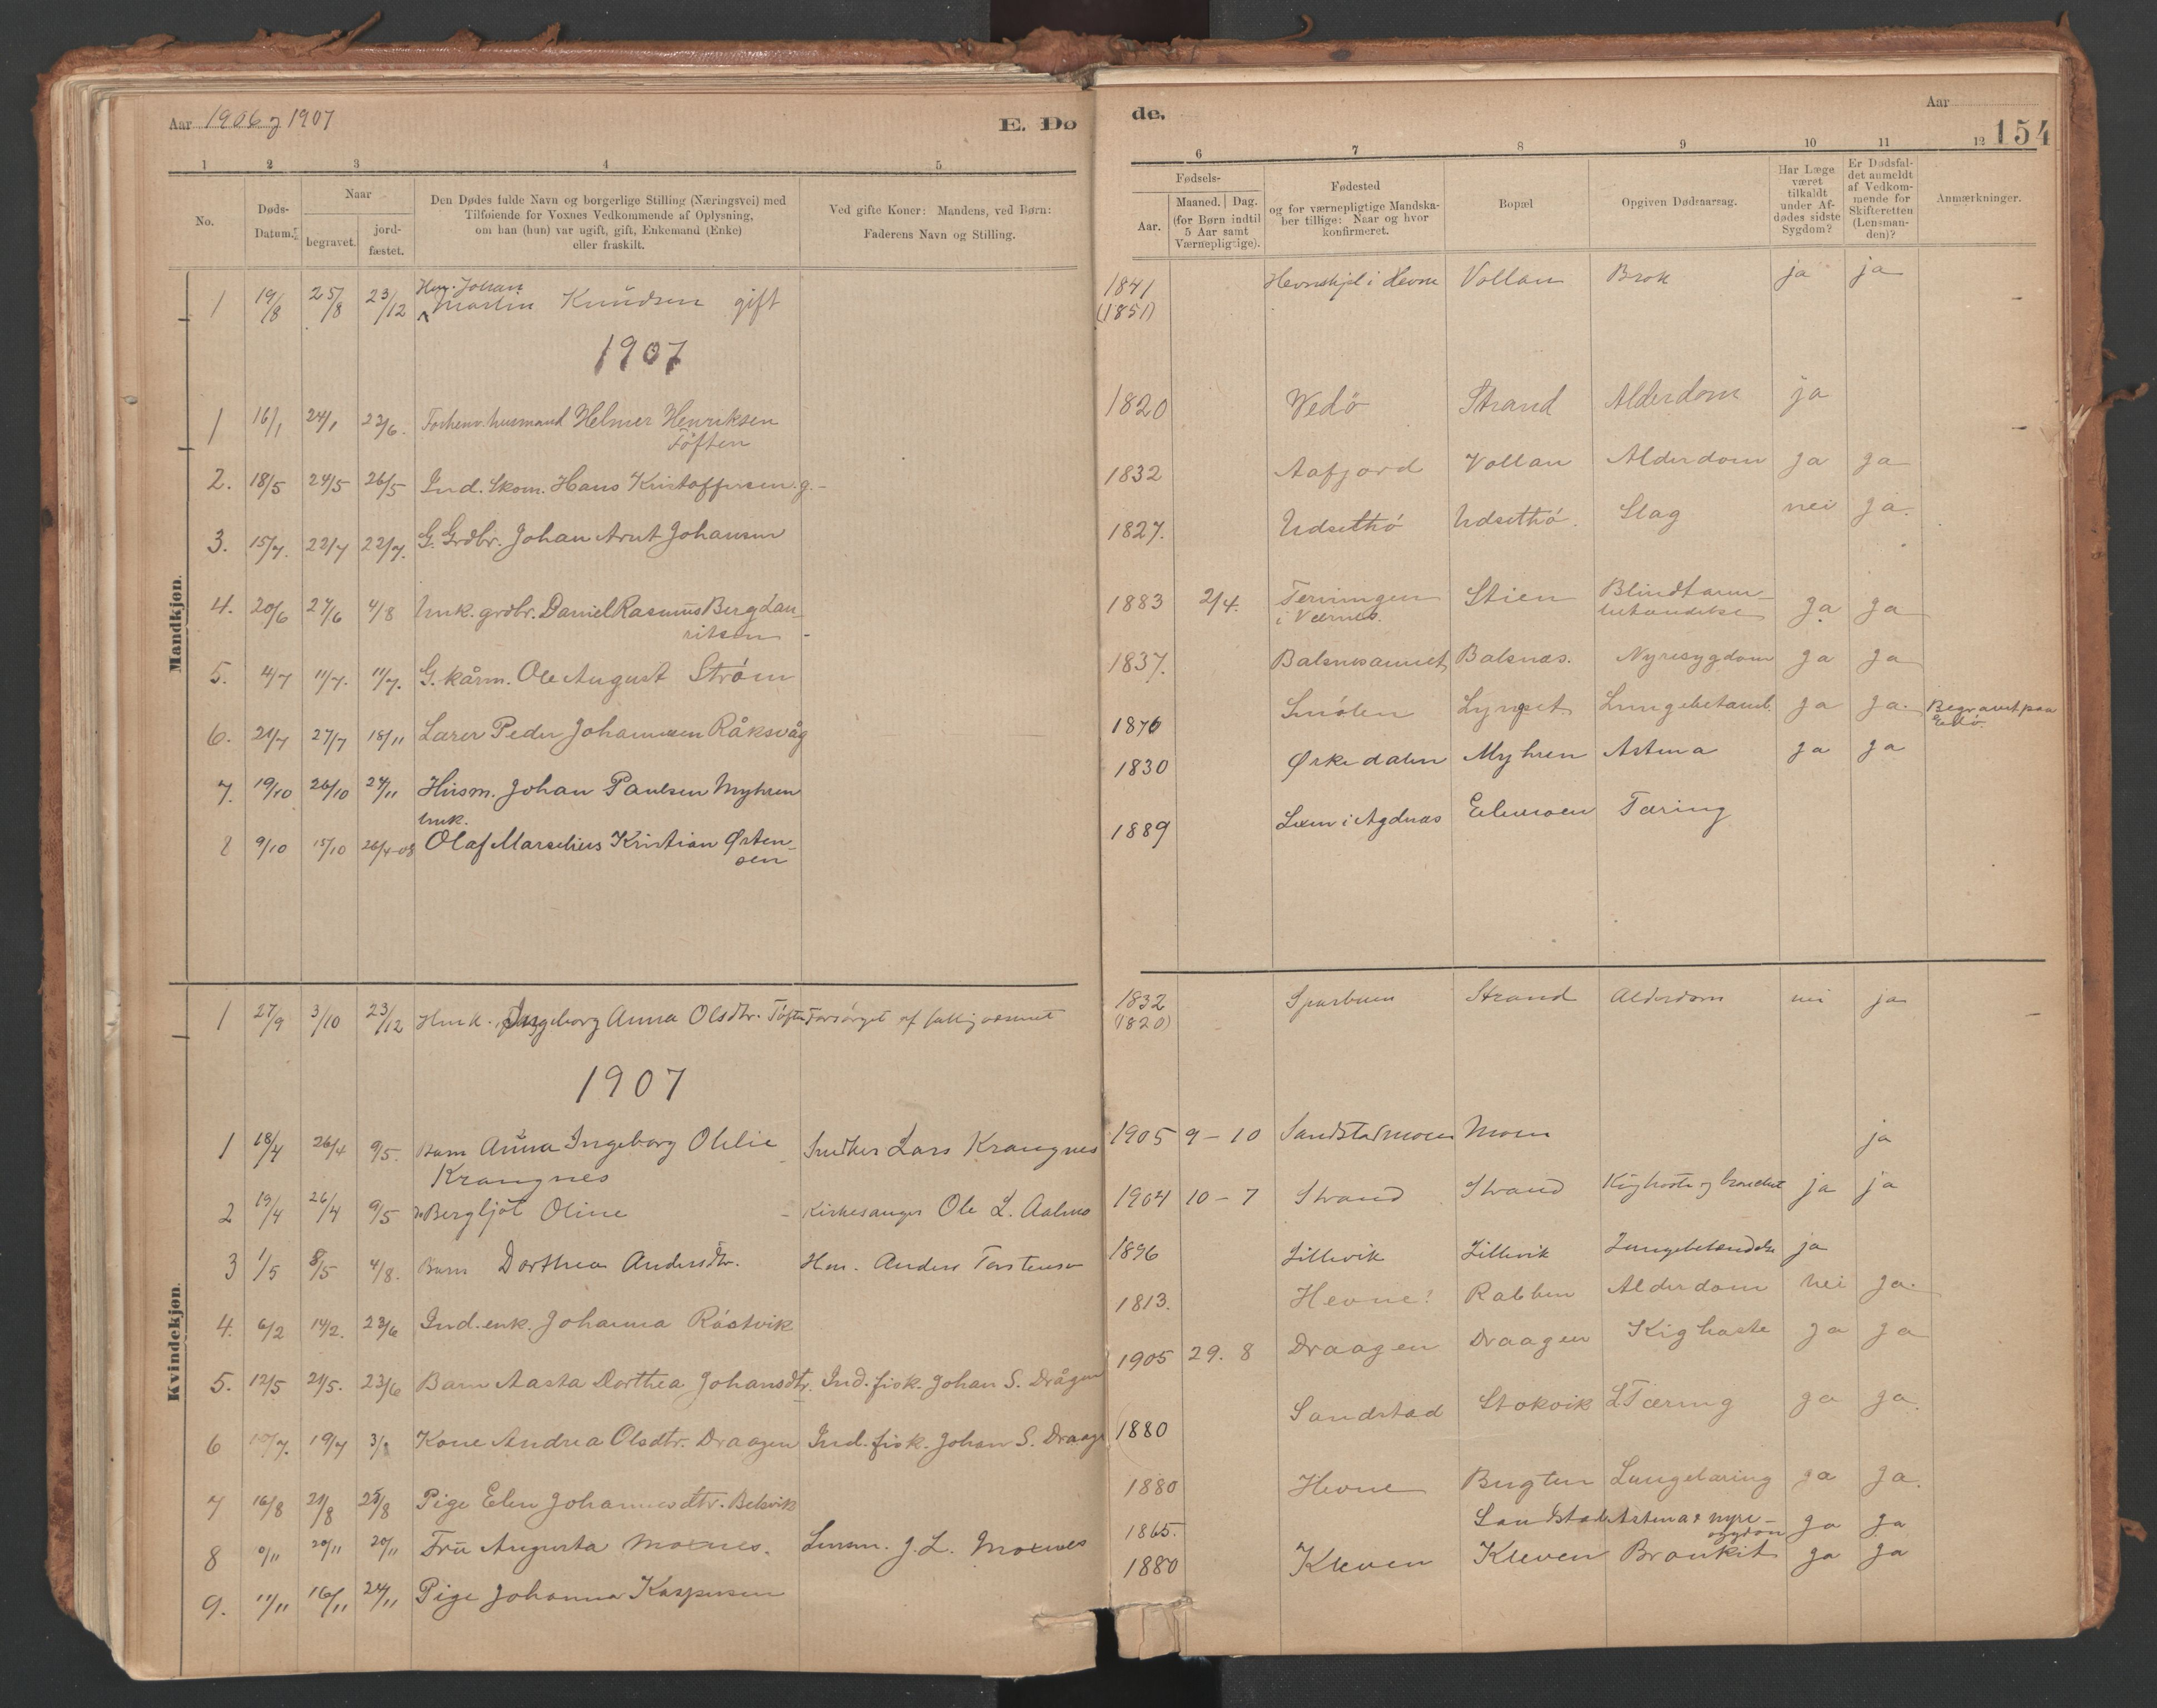 SAT, Ministerialprotokoller, klokkerbøker og fødselsregistre - Sør-Trøndelag, 639/L0572: Ministerialbok nr. 639A01, 1890-1920, s. 154